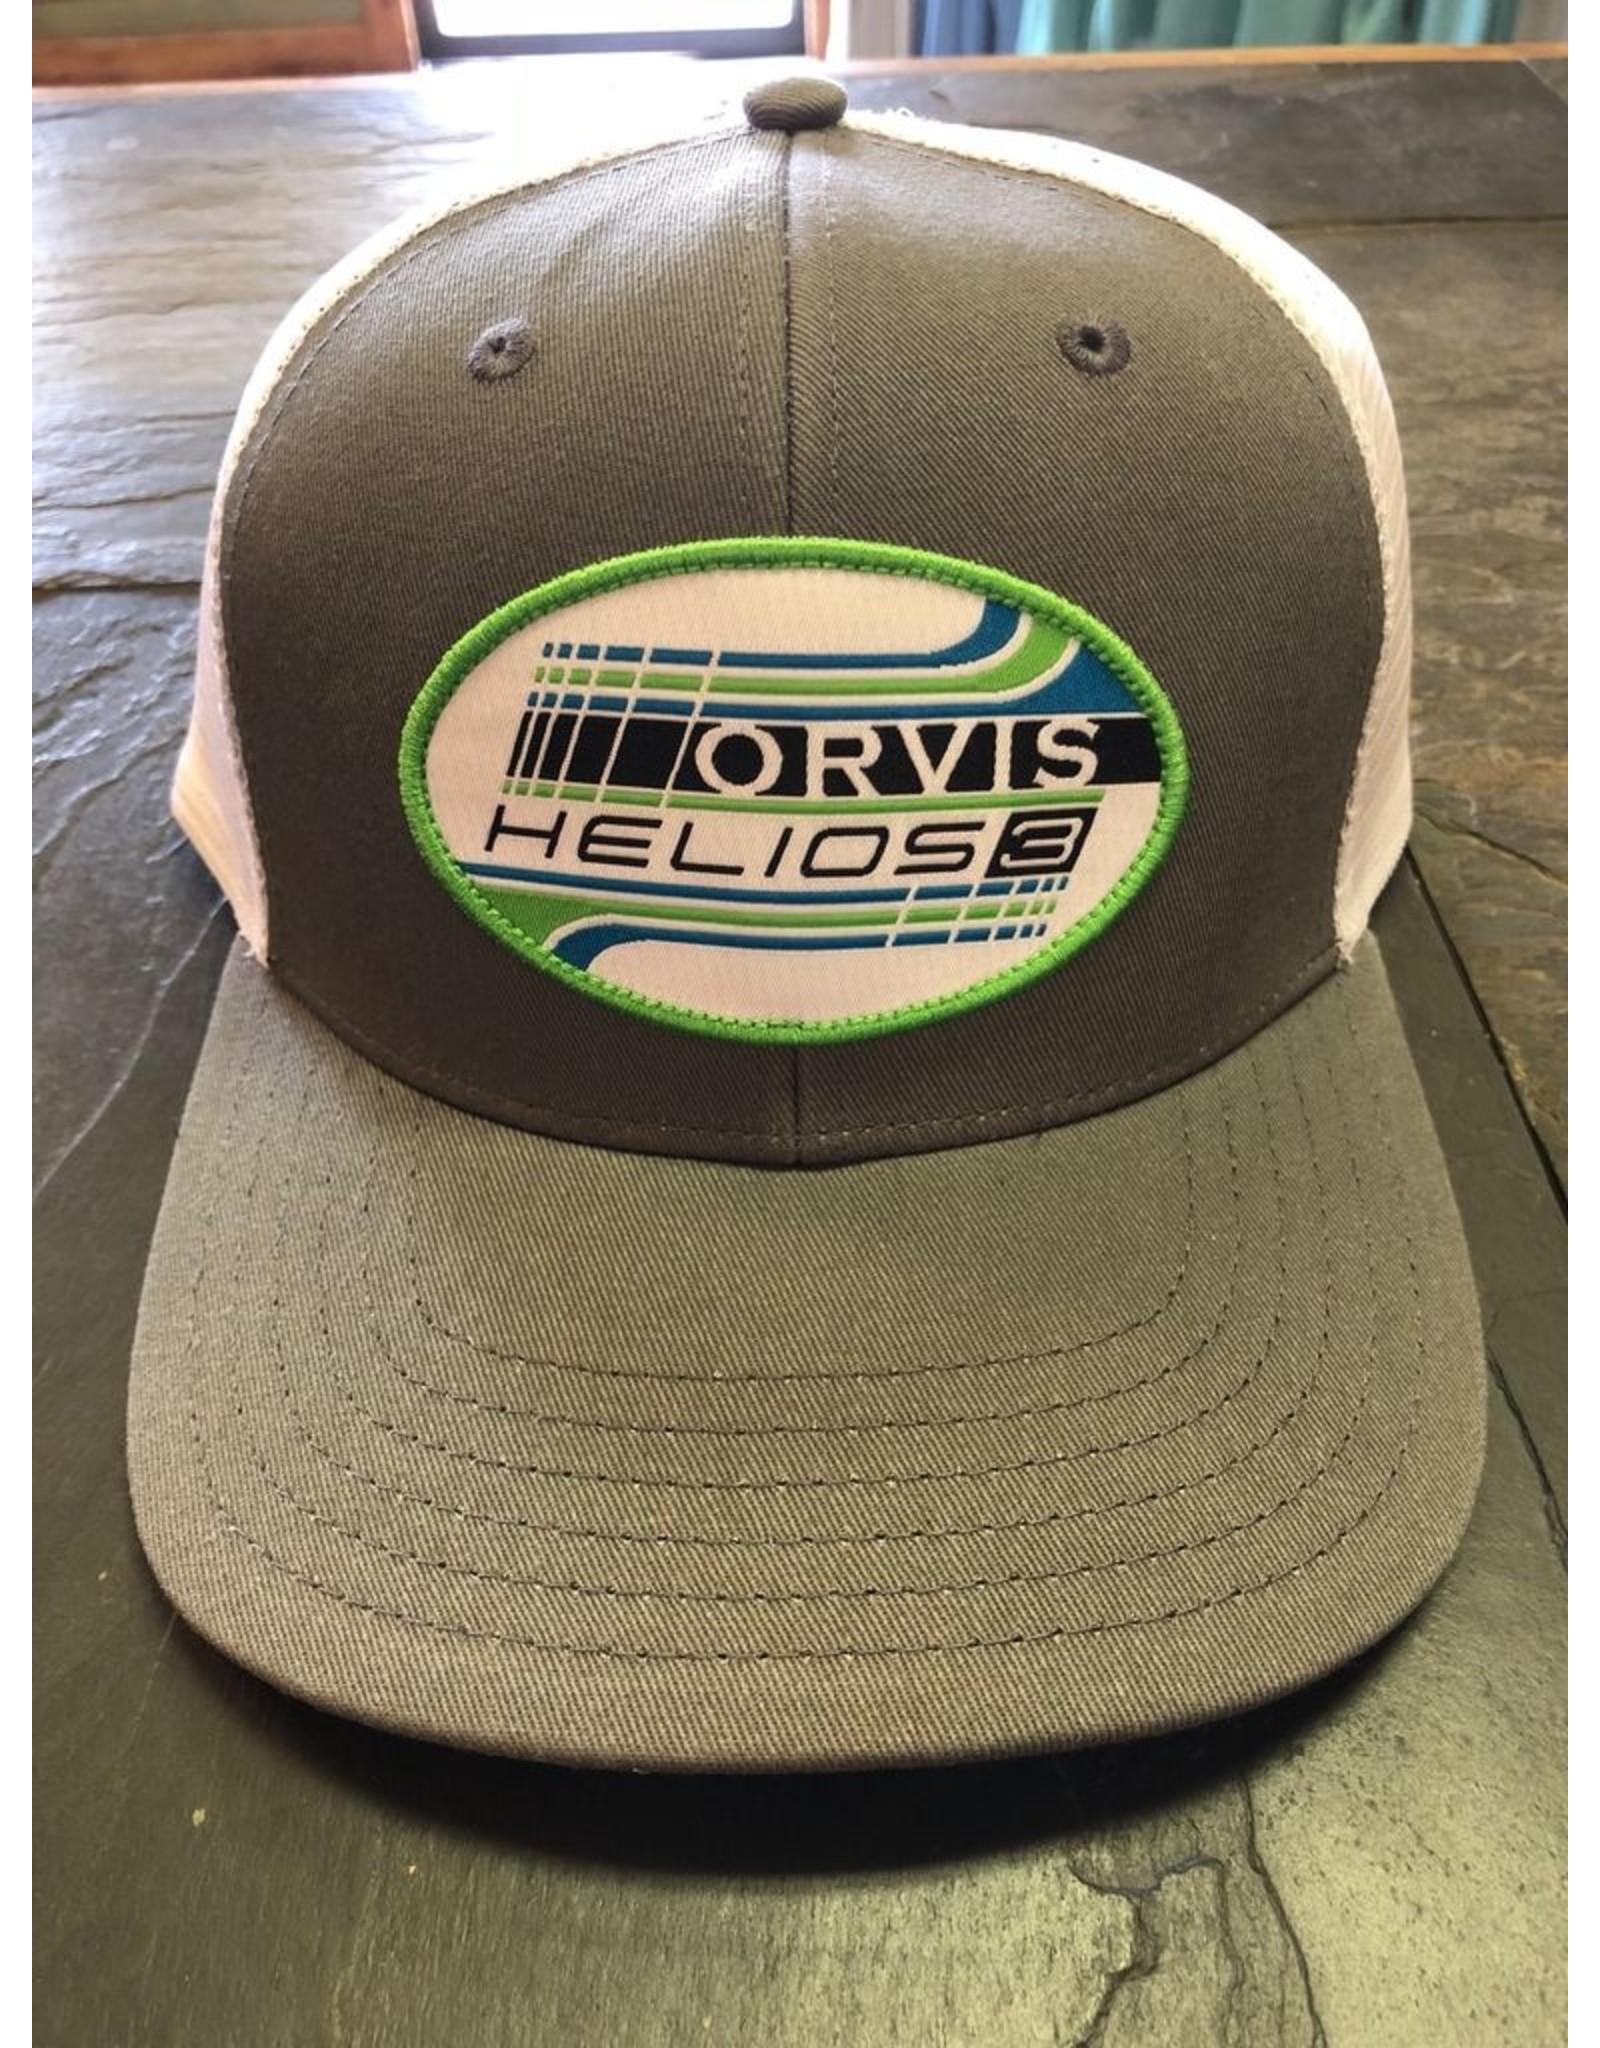 Orvis Orvis Helios 3 Patch Trucker Hat